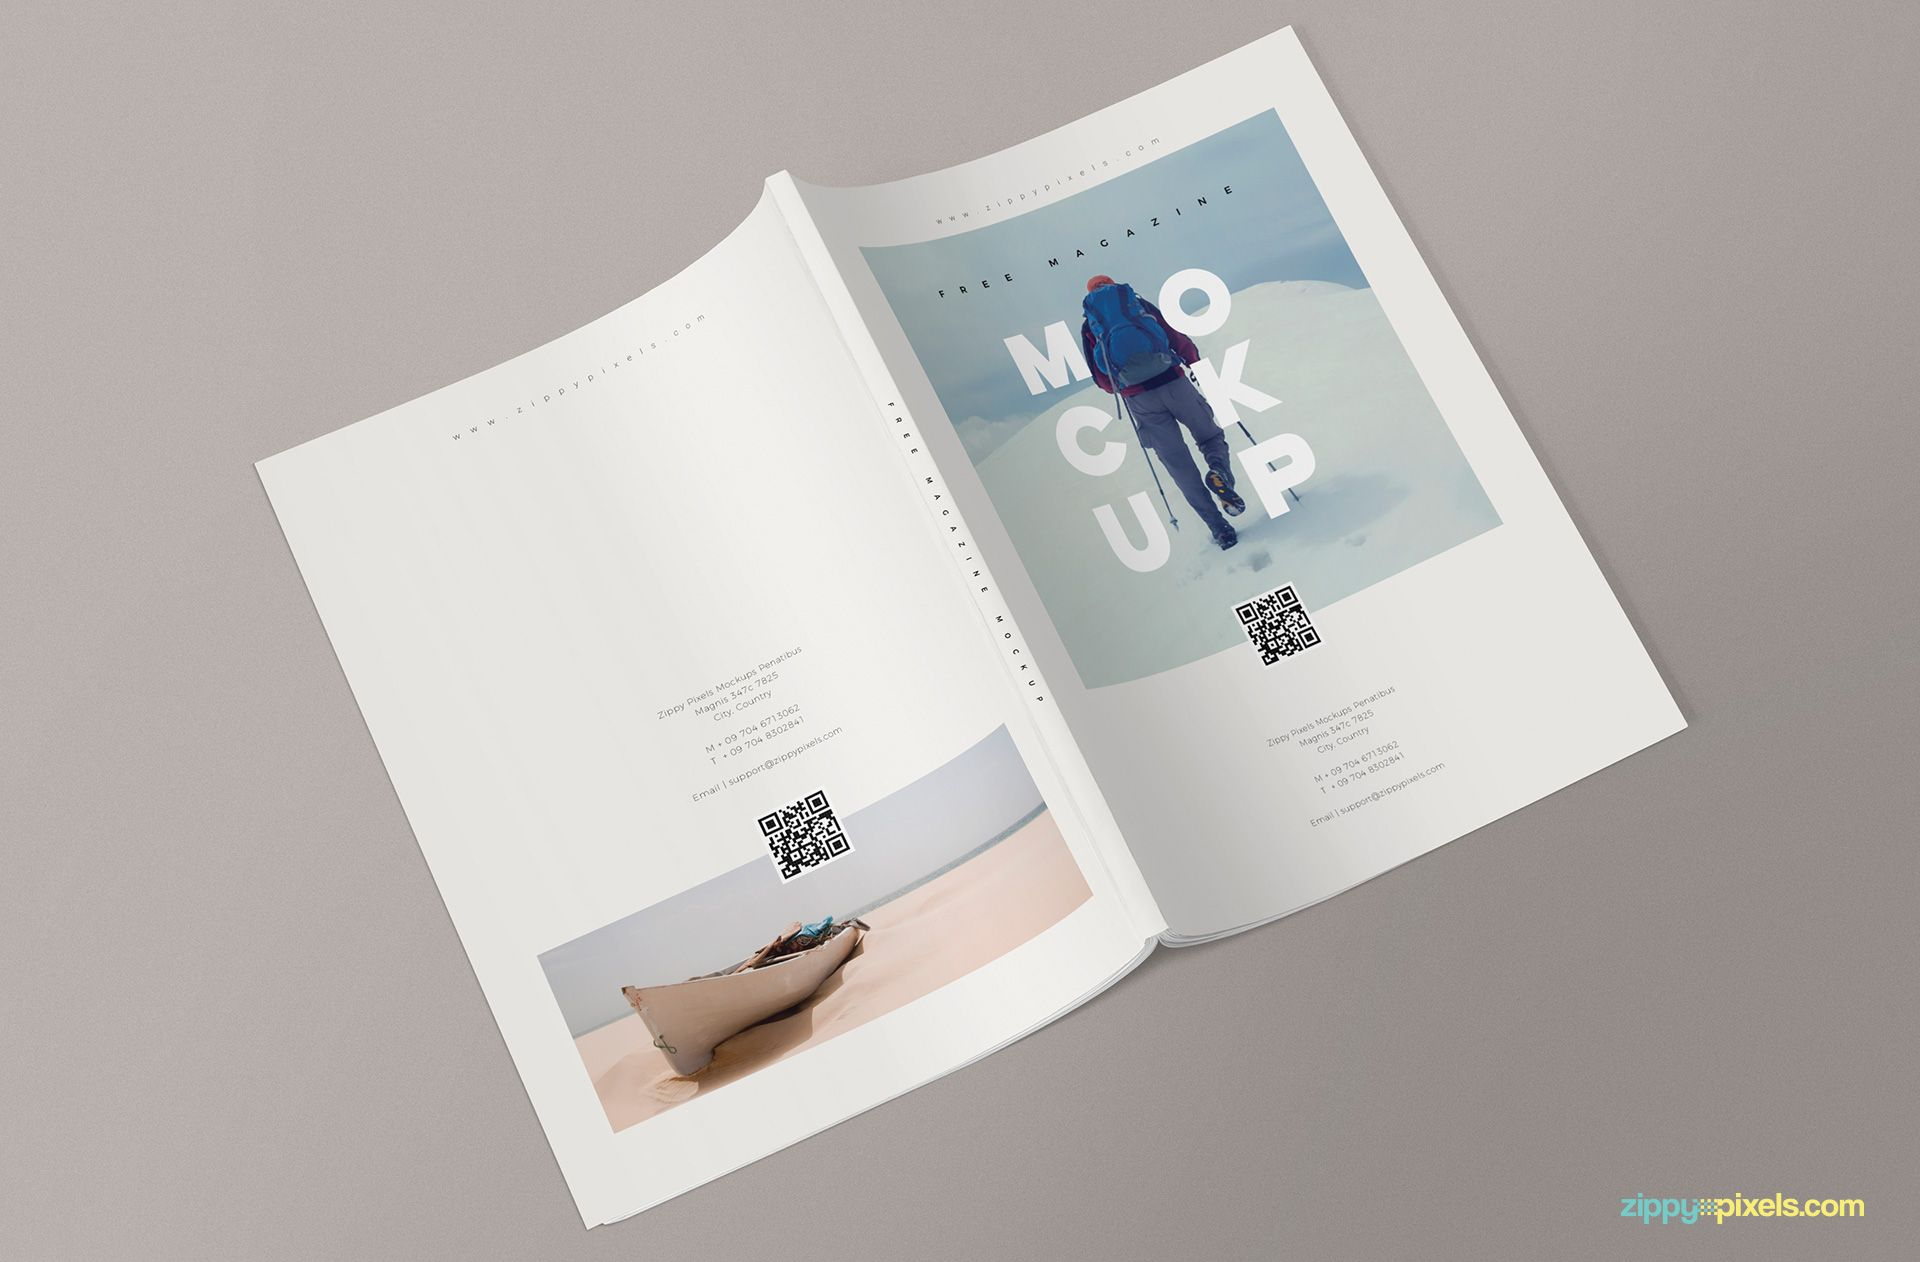 3 Free Magazine Mockup Templates Zippypixels Magazine Mockup Back Cover Design Mockup Template Free